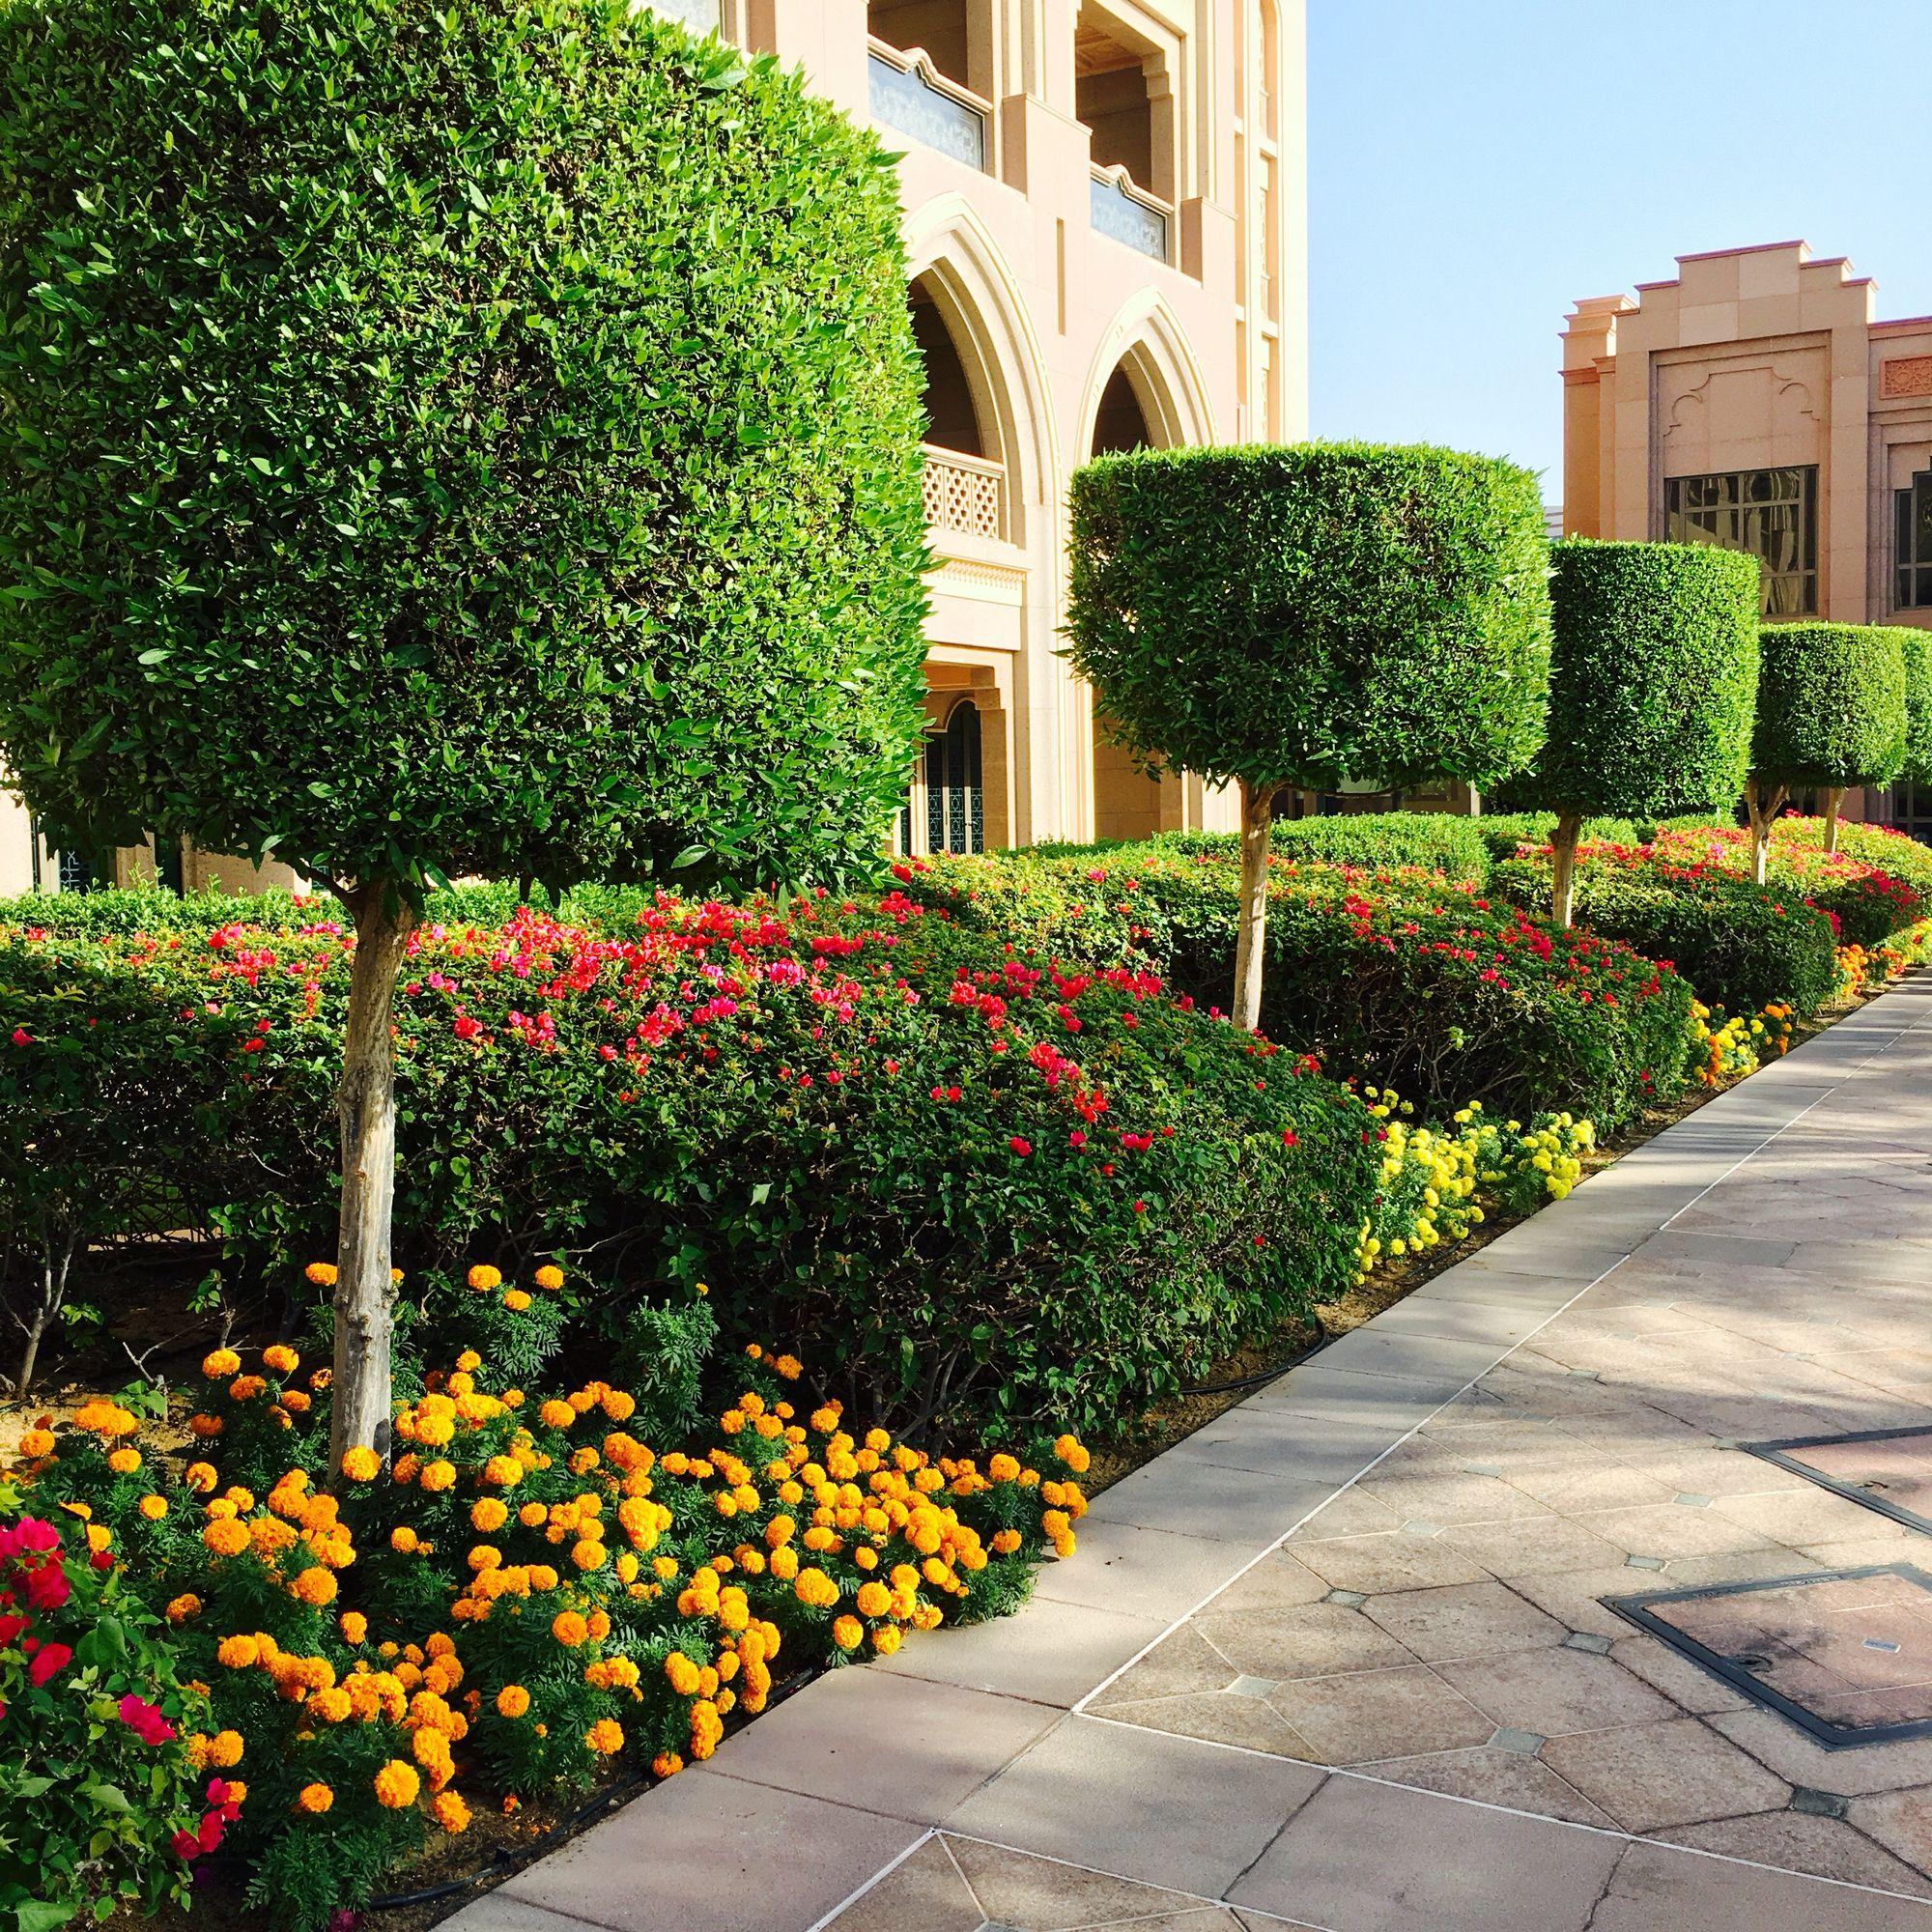 Lollipop garden at #EmiratesPalace in #Abudhabi